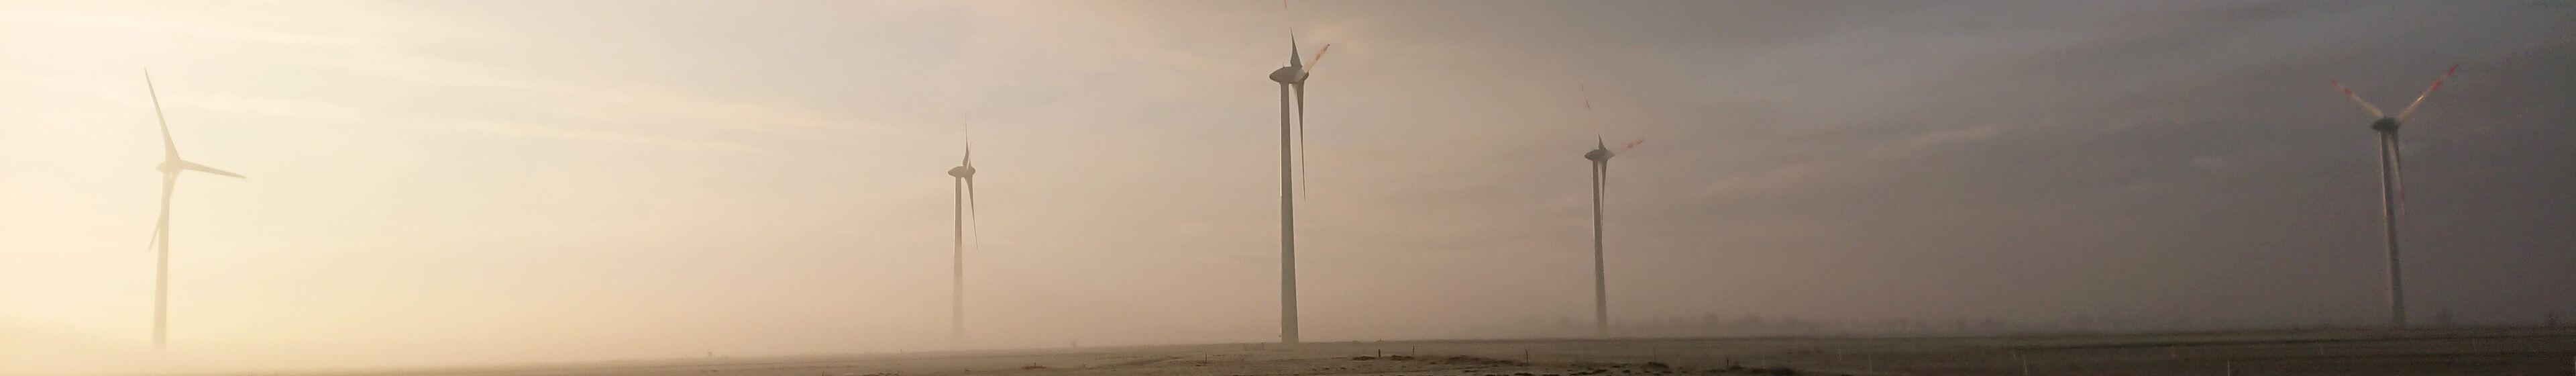 01_Windpark